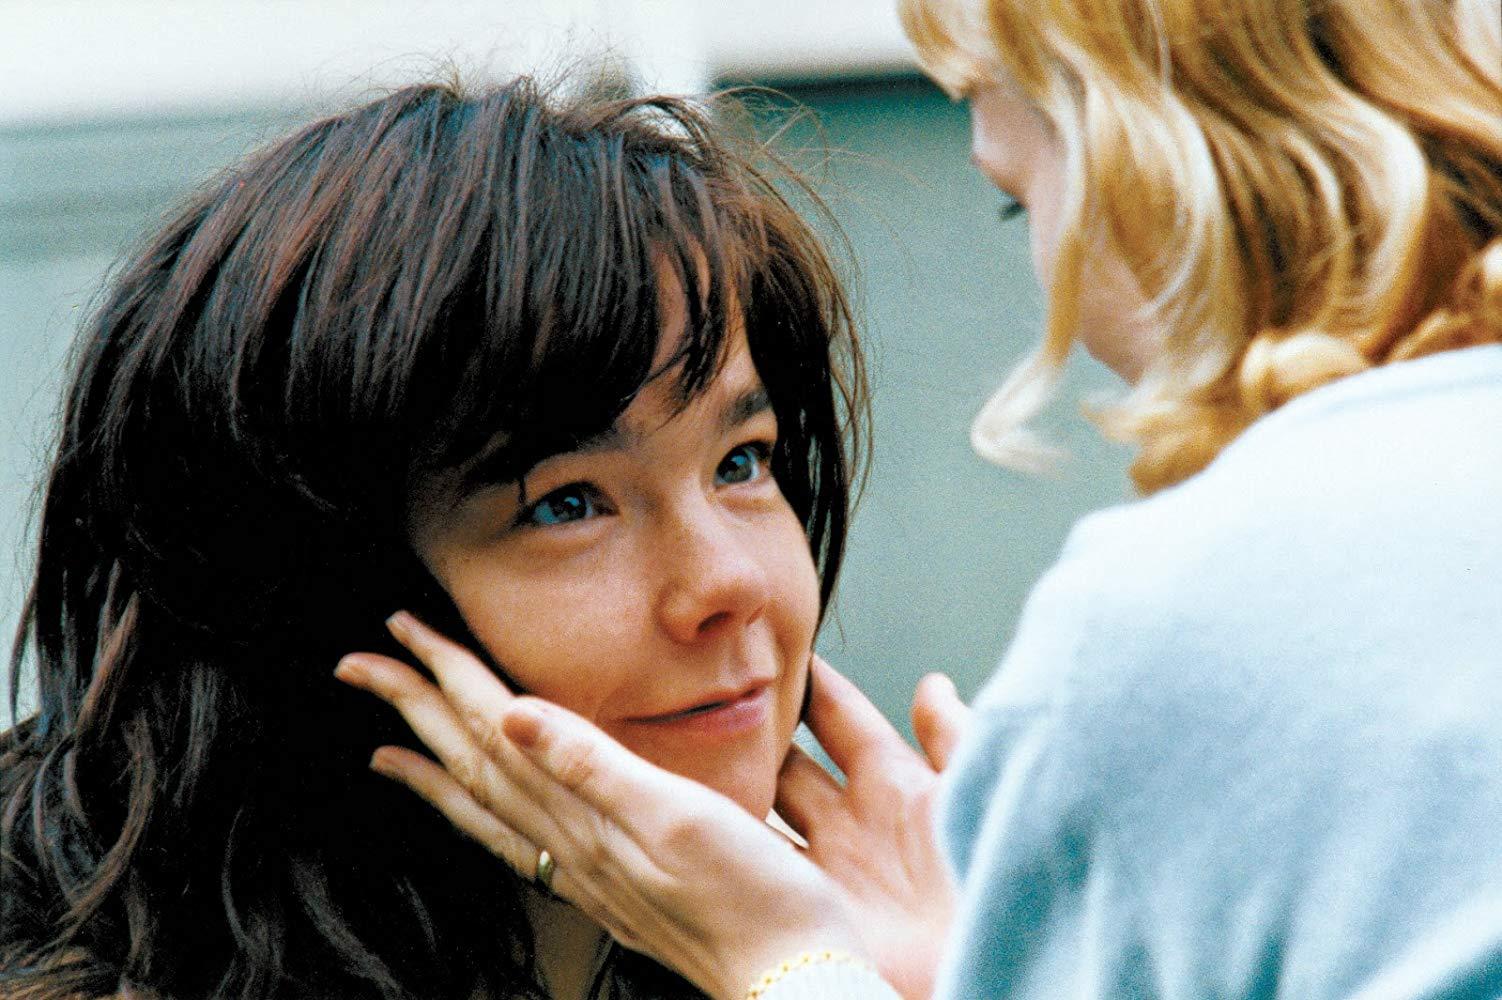 Cena do filme Dançando no Escuro. A imagem mostra uma mulher loira com as mãos no rosto de Björk, que olha para seu rosto e sorri.